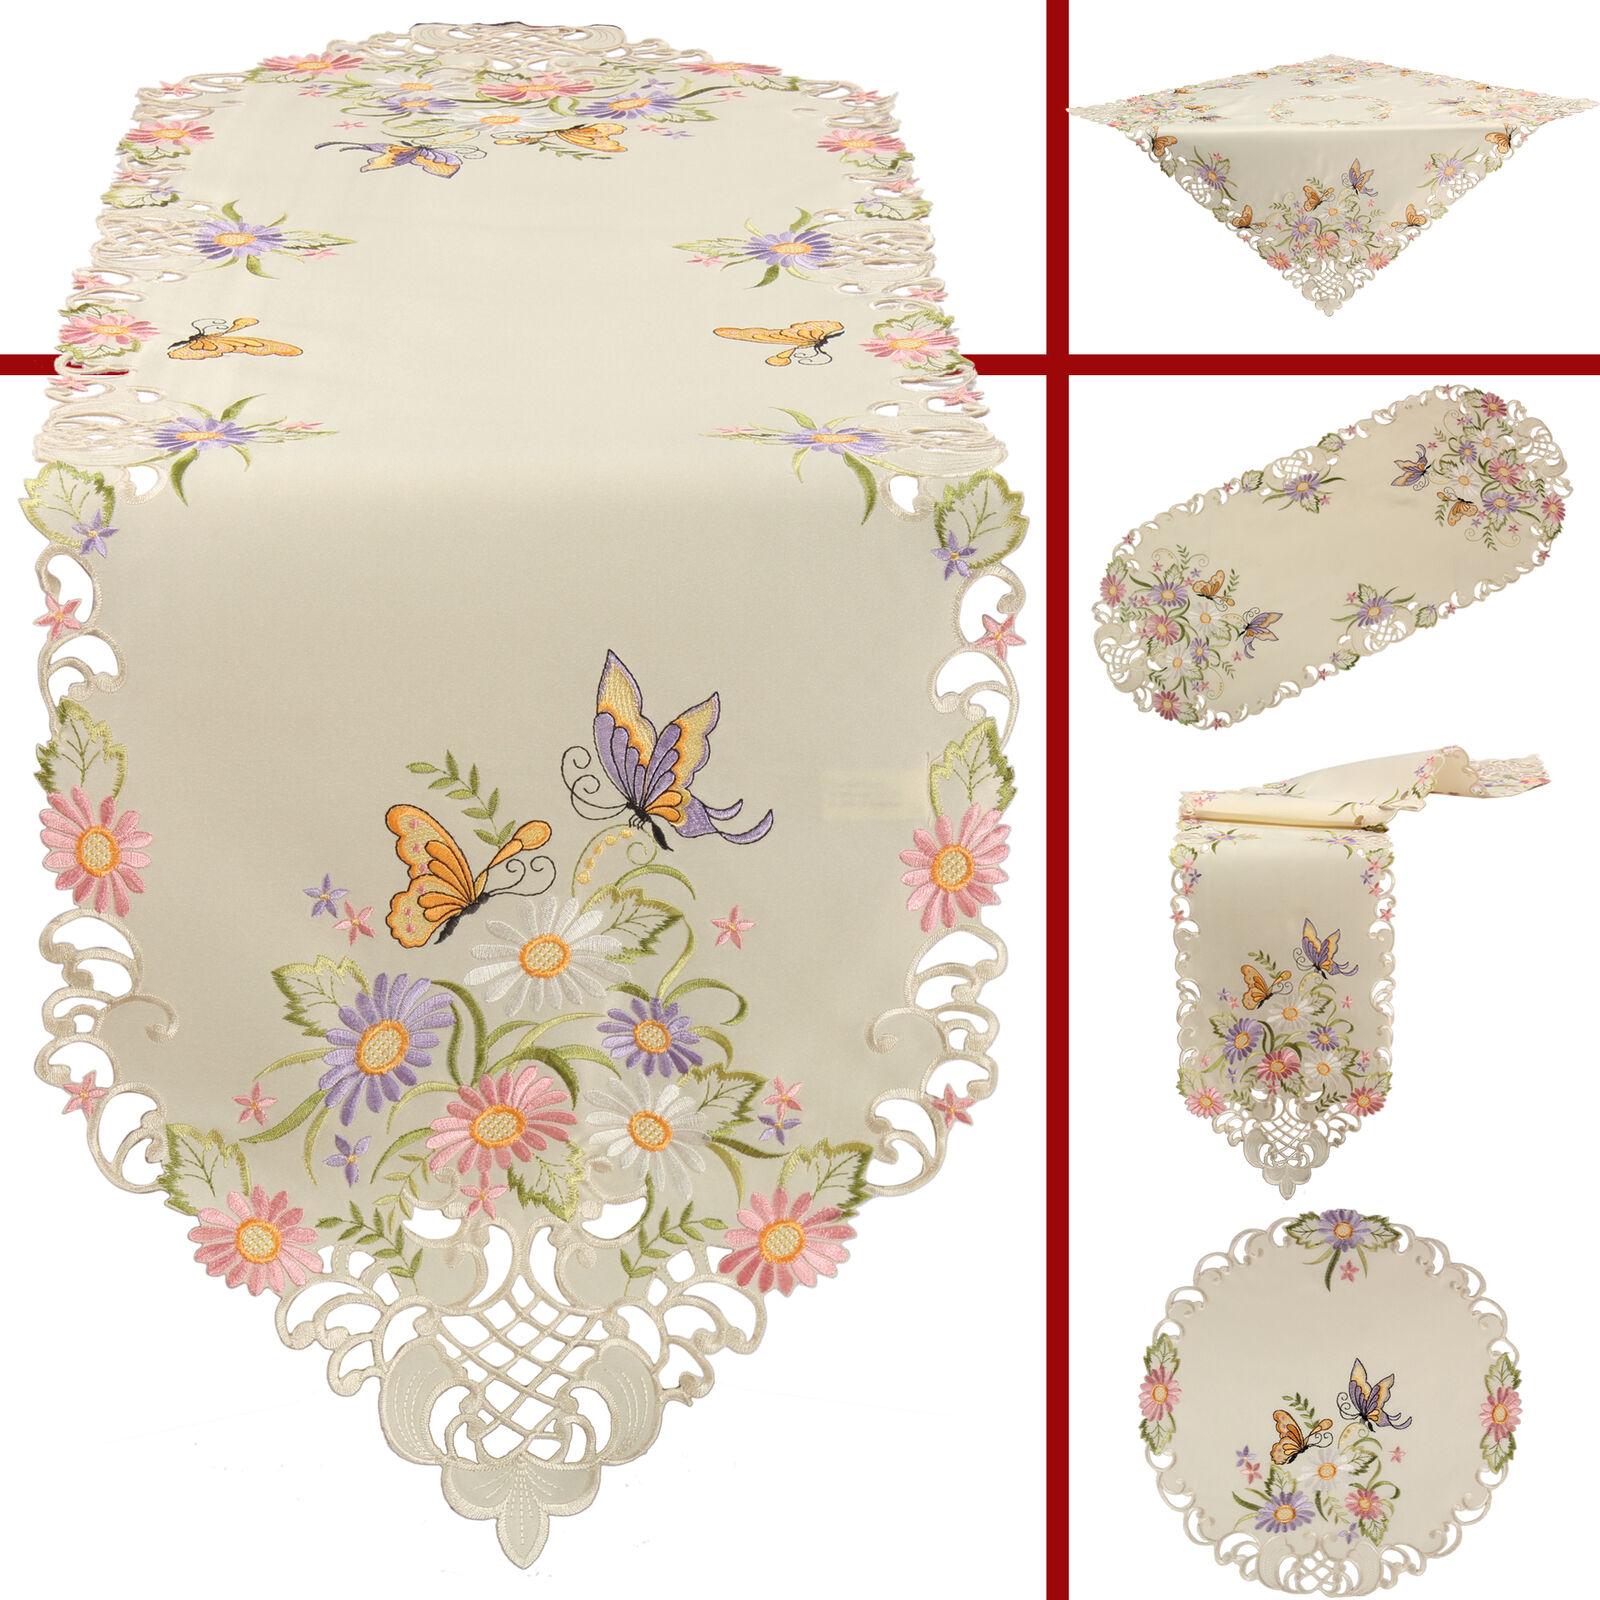 Schmetterling Tischläufer Mitteldecke Tischdecke Set Ecru bunte Blumen Stickerei